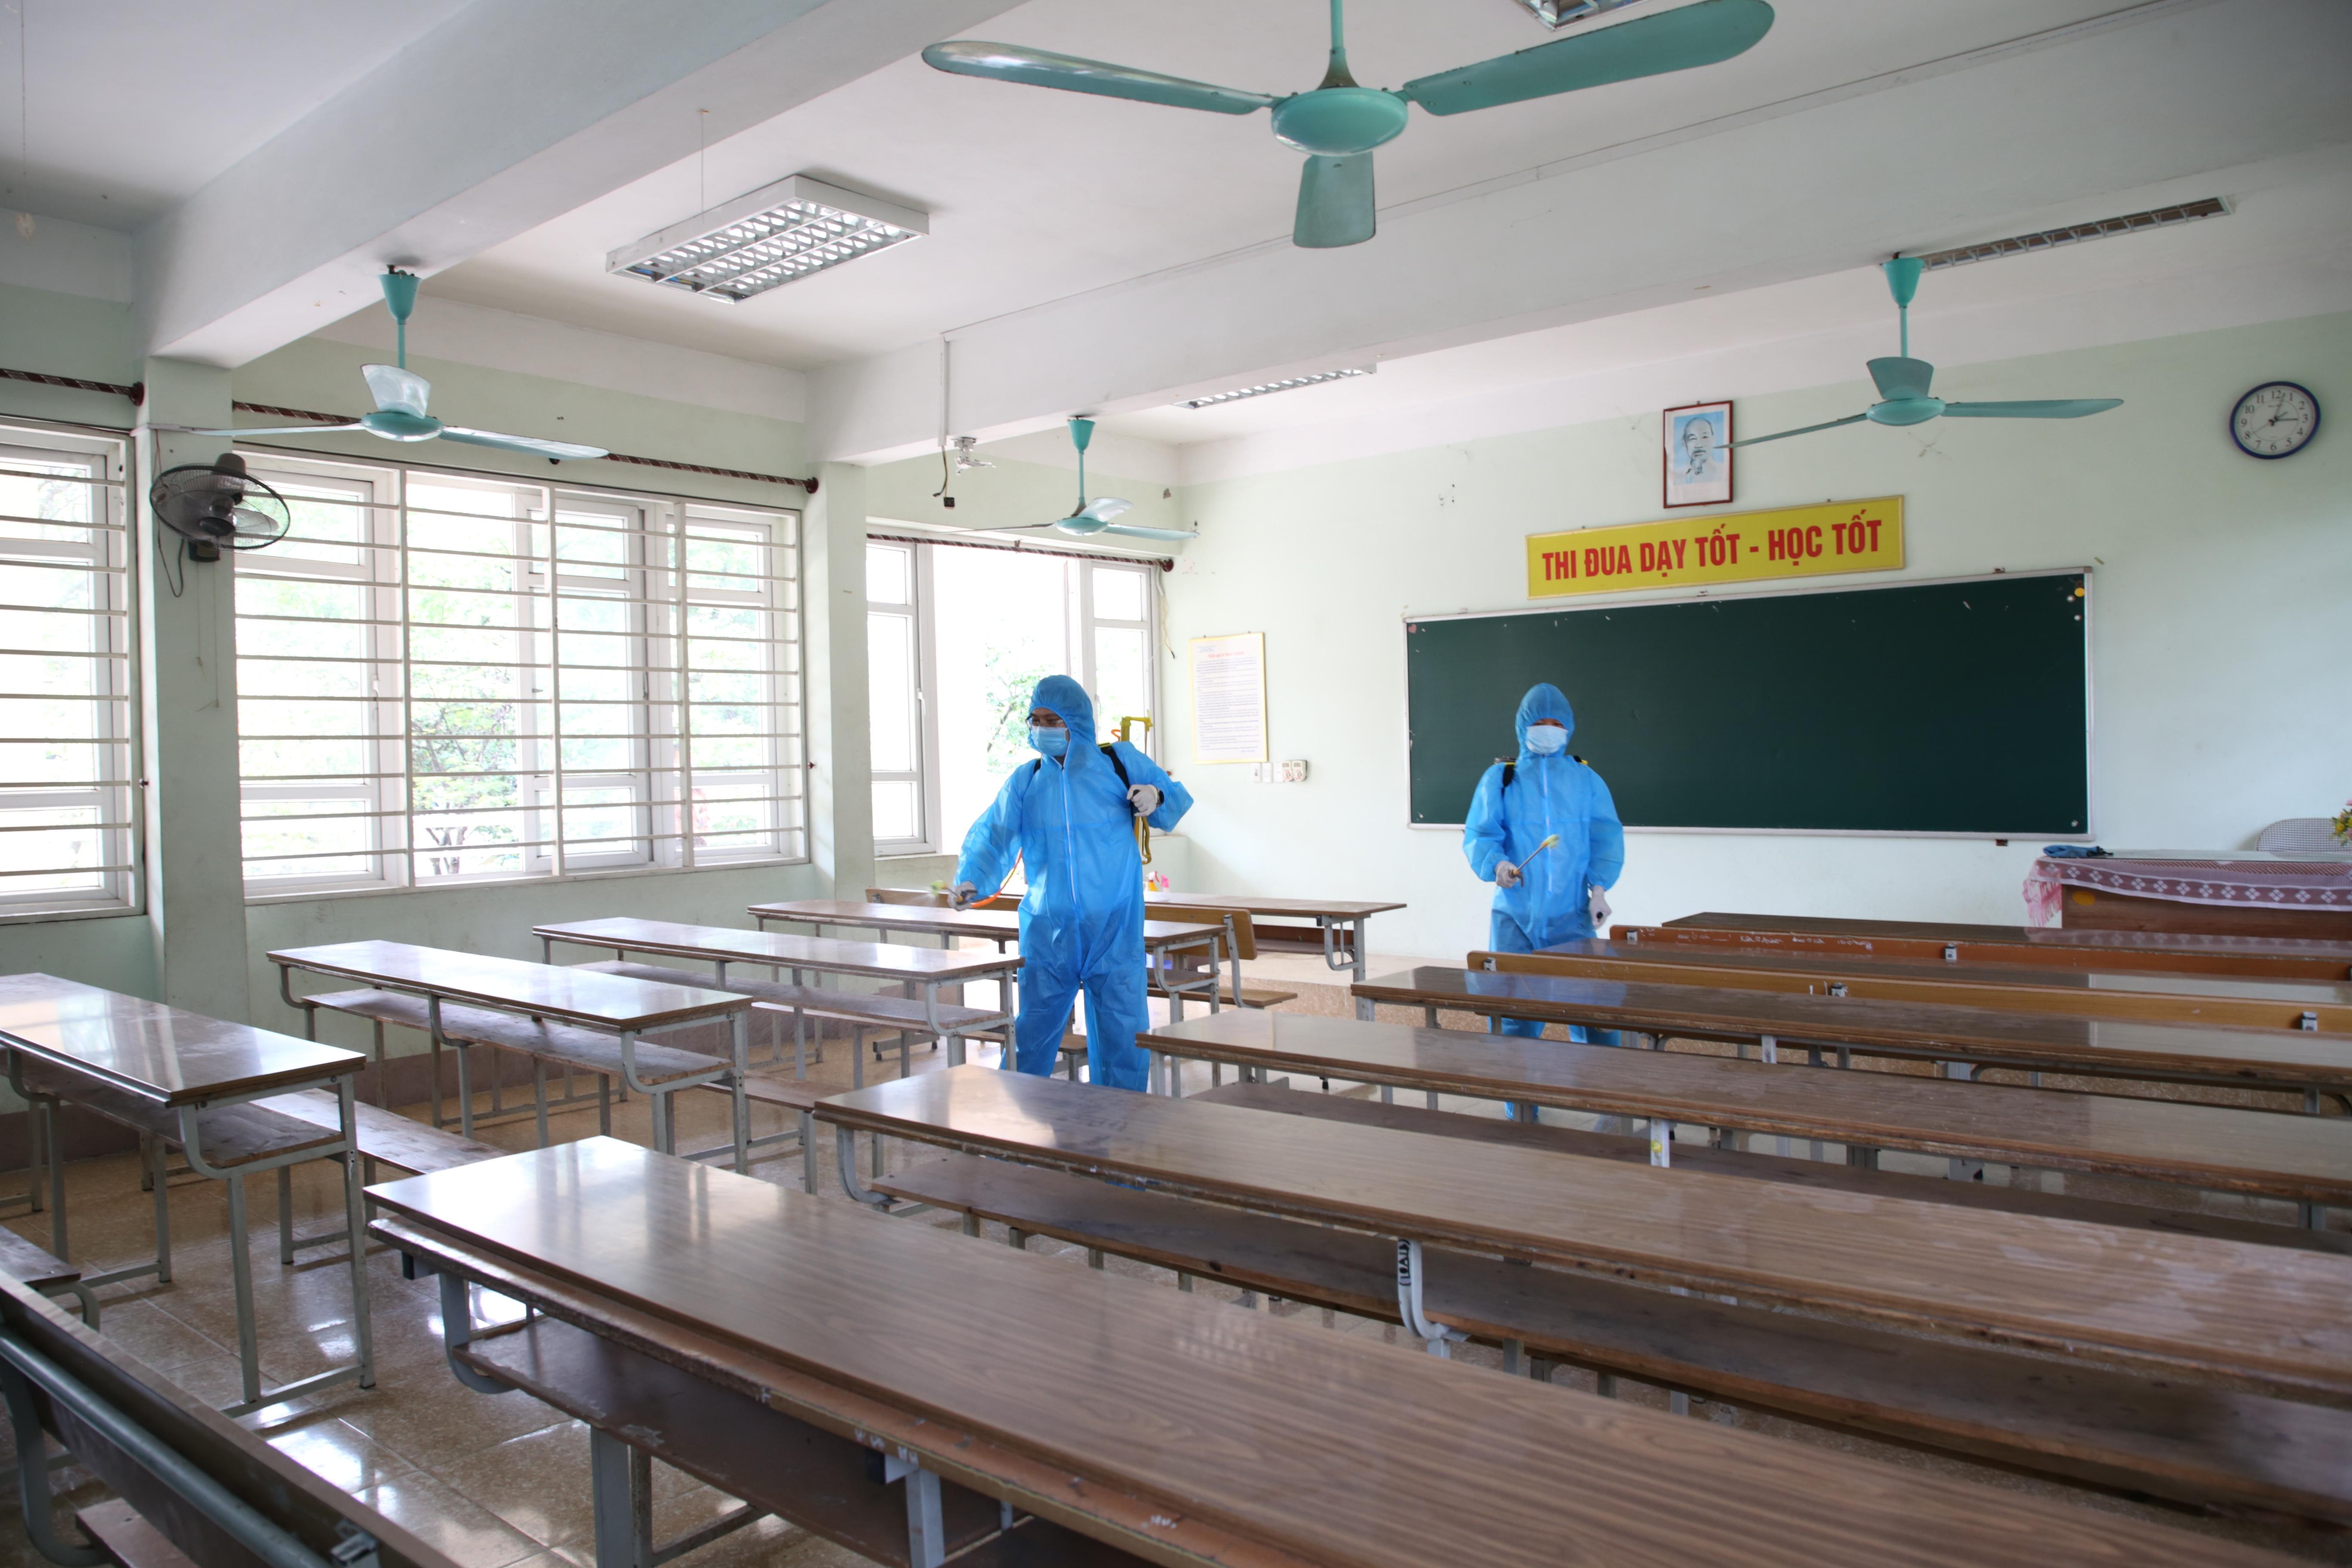 [Photo] Thái Nguyên: Khẩn trương công tác chuẩn bị Kỳ thi tuyển sinh lớp 10